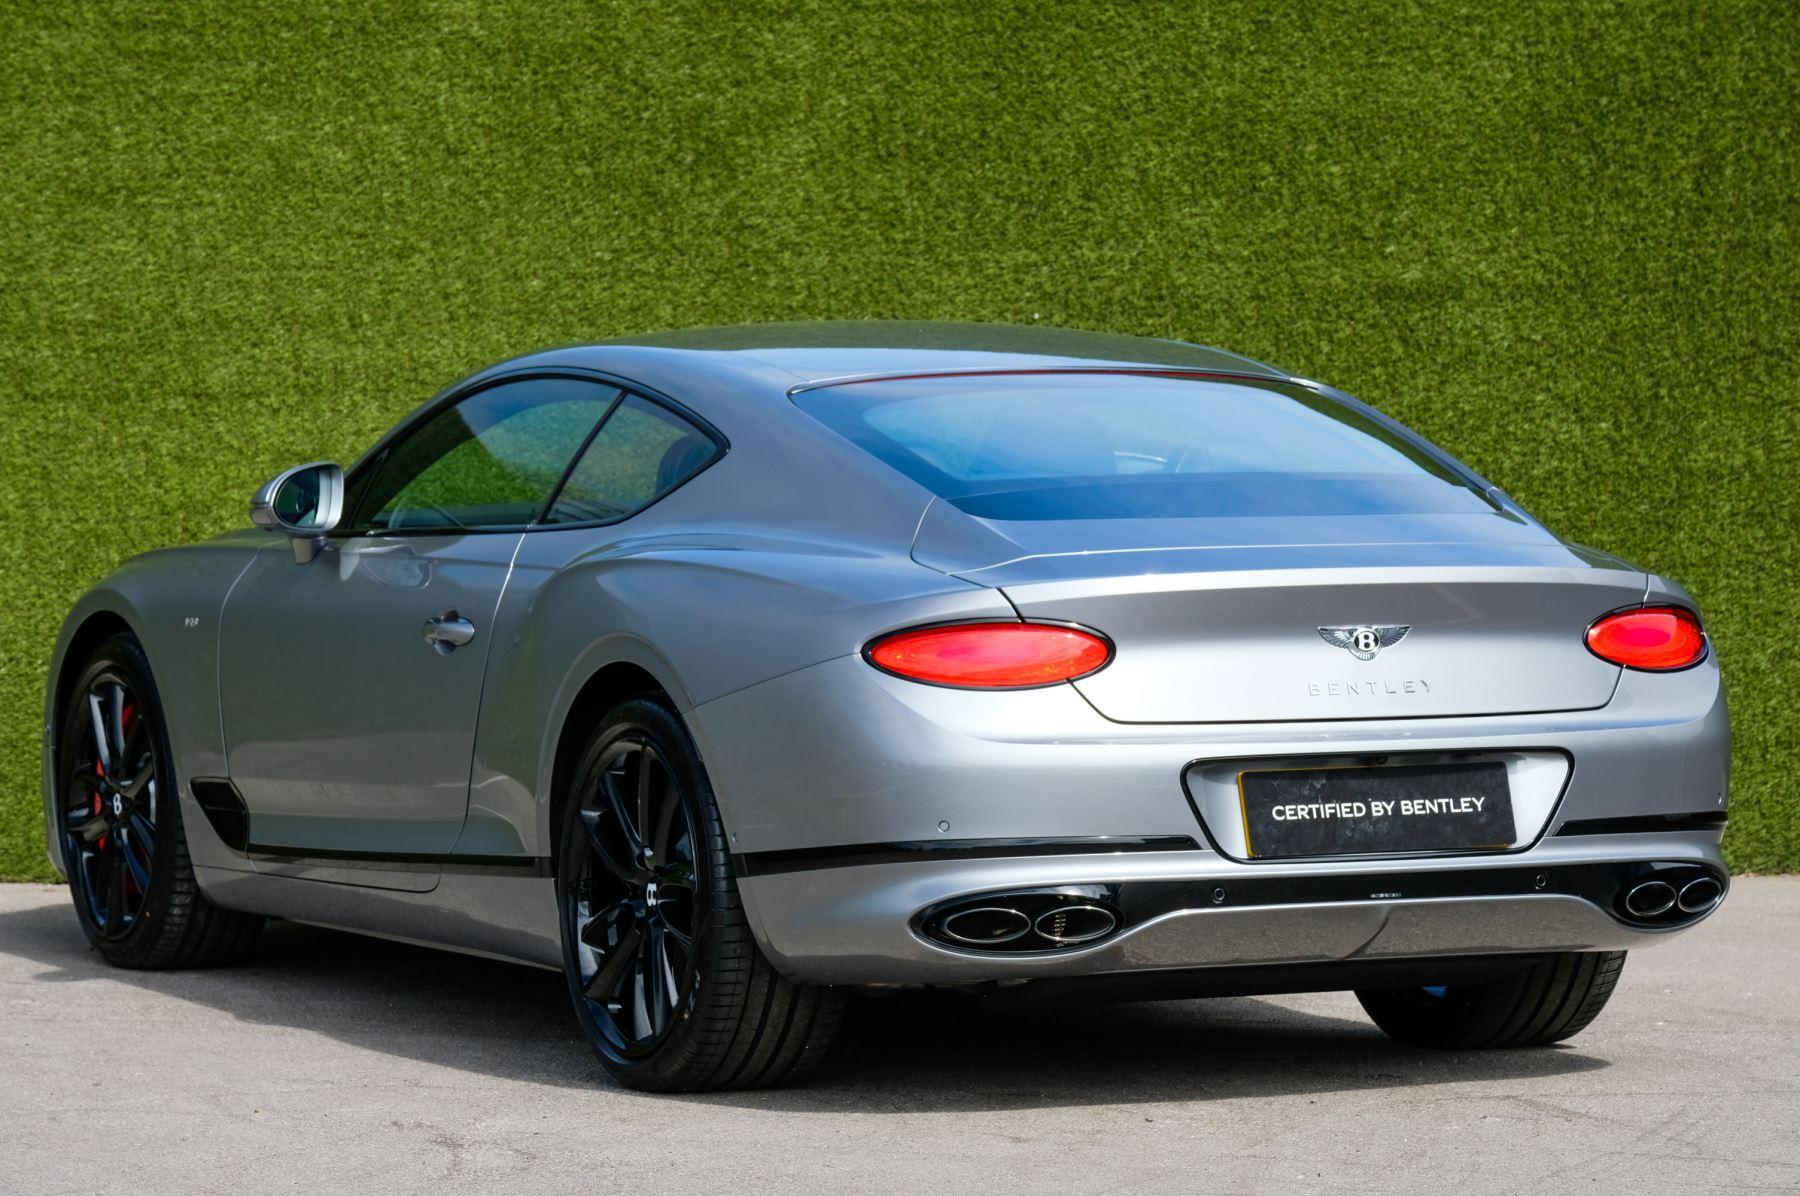 Bentley Continental GT 4.0 V8 2dr image 37